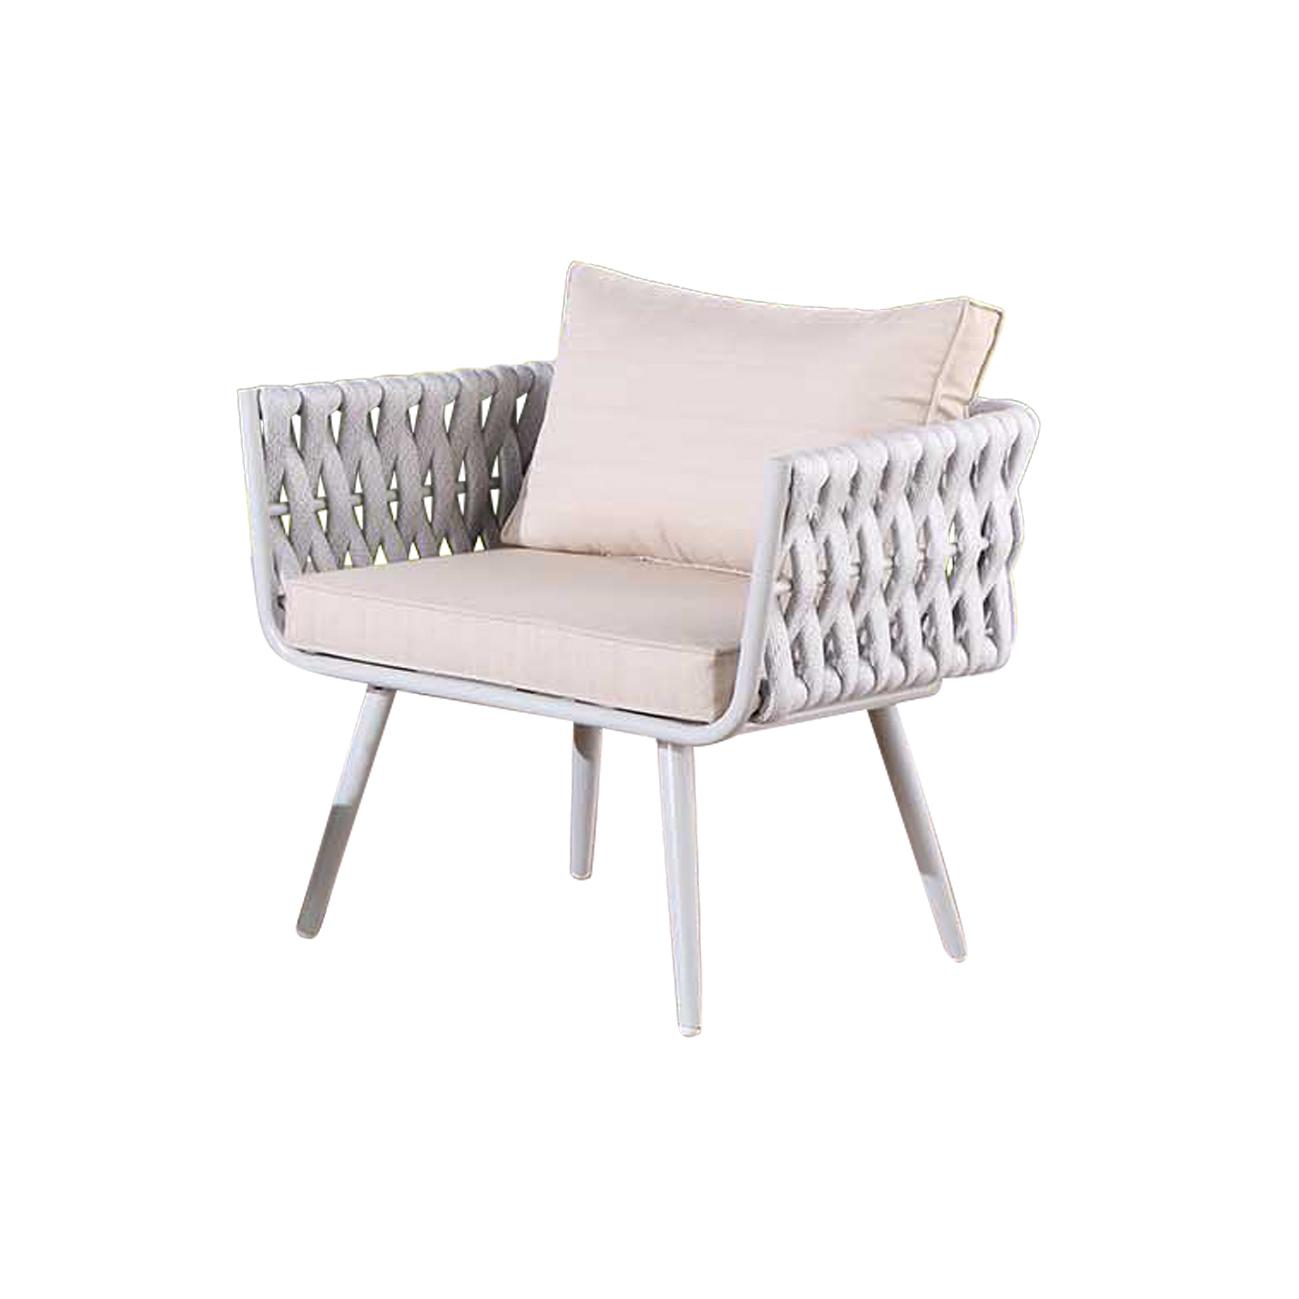 OD880 Sofa set 椅子